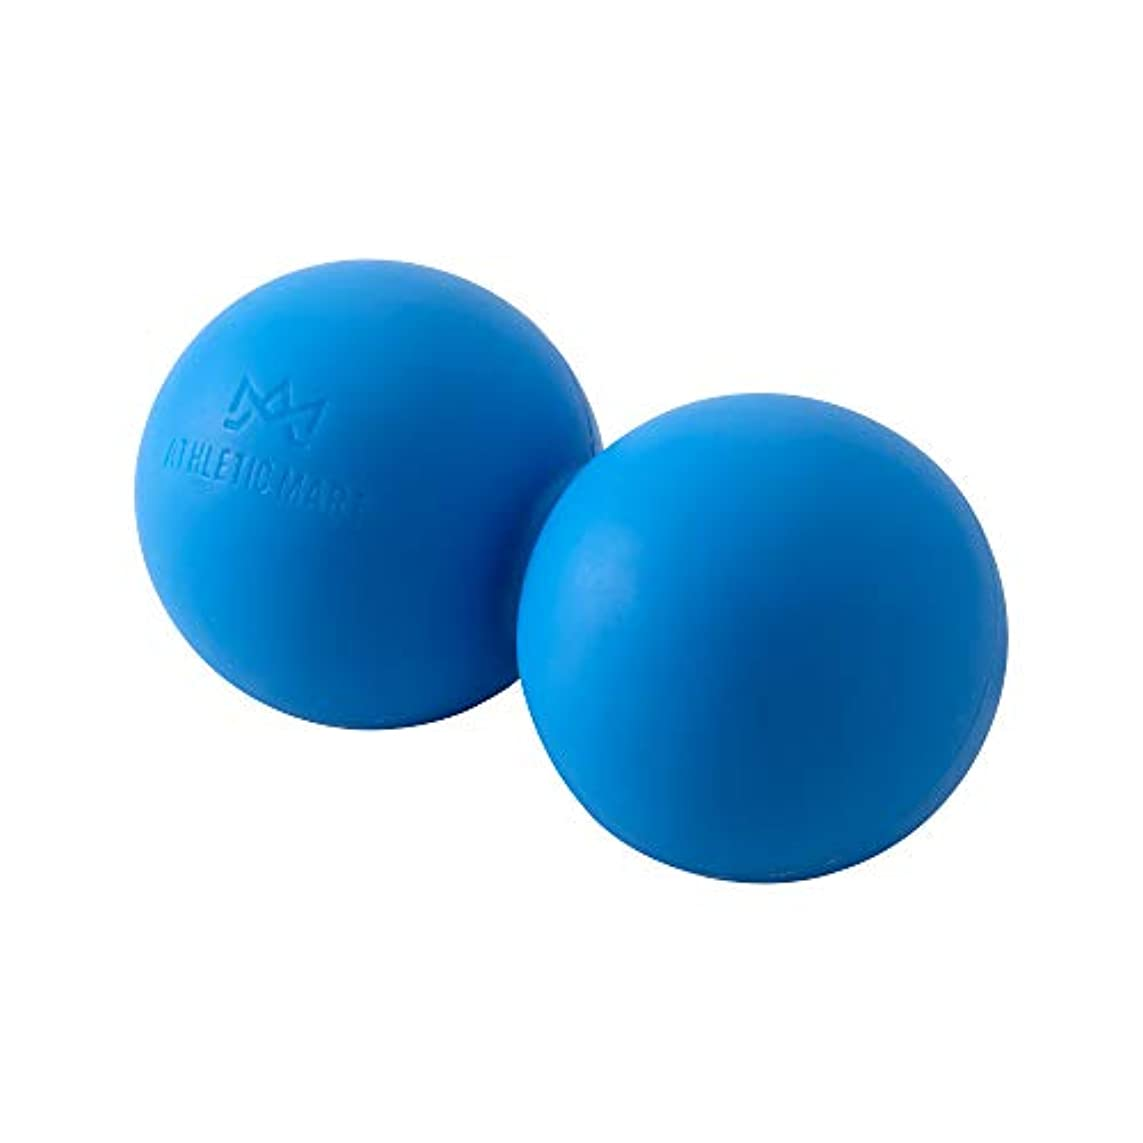 印象的隠された適応するATHLETIC MART ピーナッツ型ストレッチボール マッサージボール ラクロスボール2個サイズ ツボ押し (ブルー)